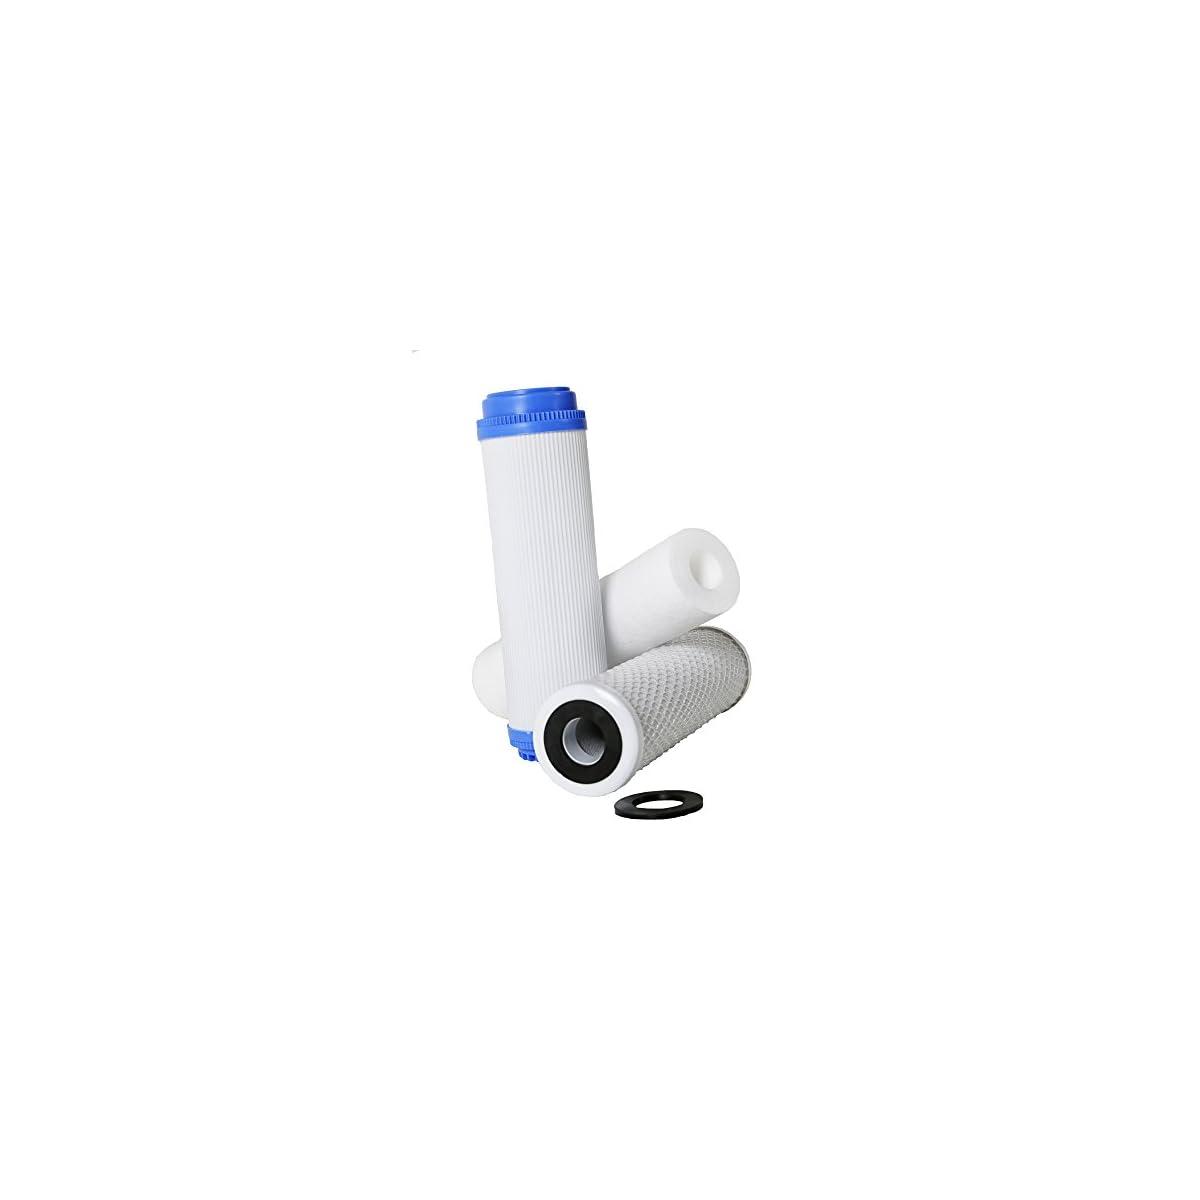 41va6ysbZ9L. SS1200  - Filtro Ósmosis Inversa 3 etapas, Estándar, Profesional, Garantizado, Compatible con todos los sistemas de ósmosis con vasos del mercado